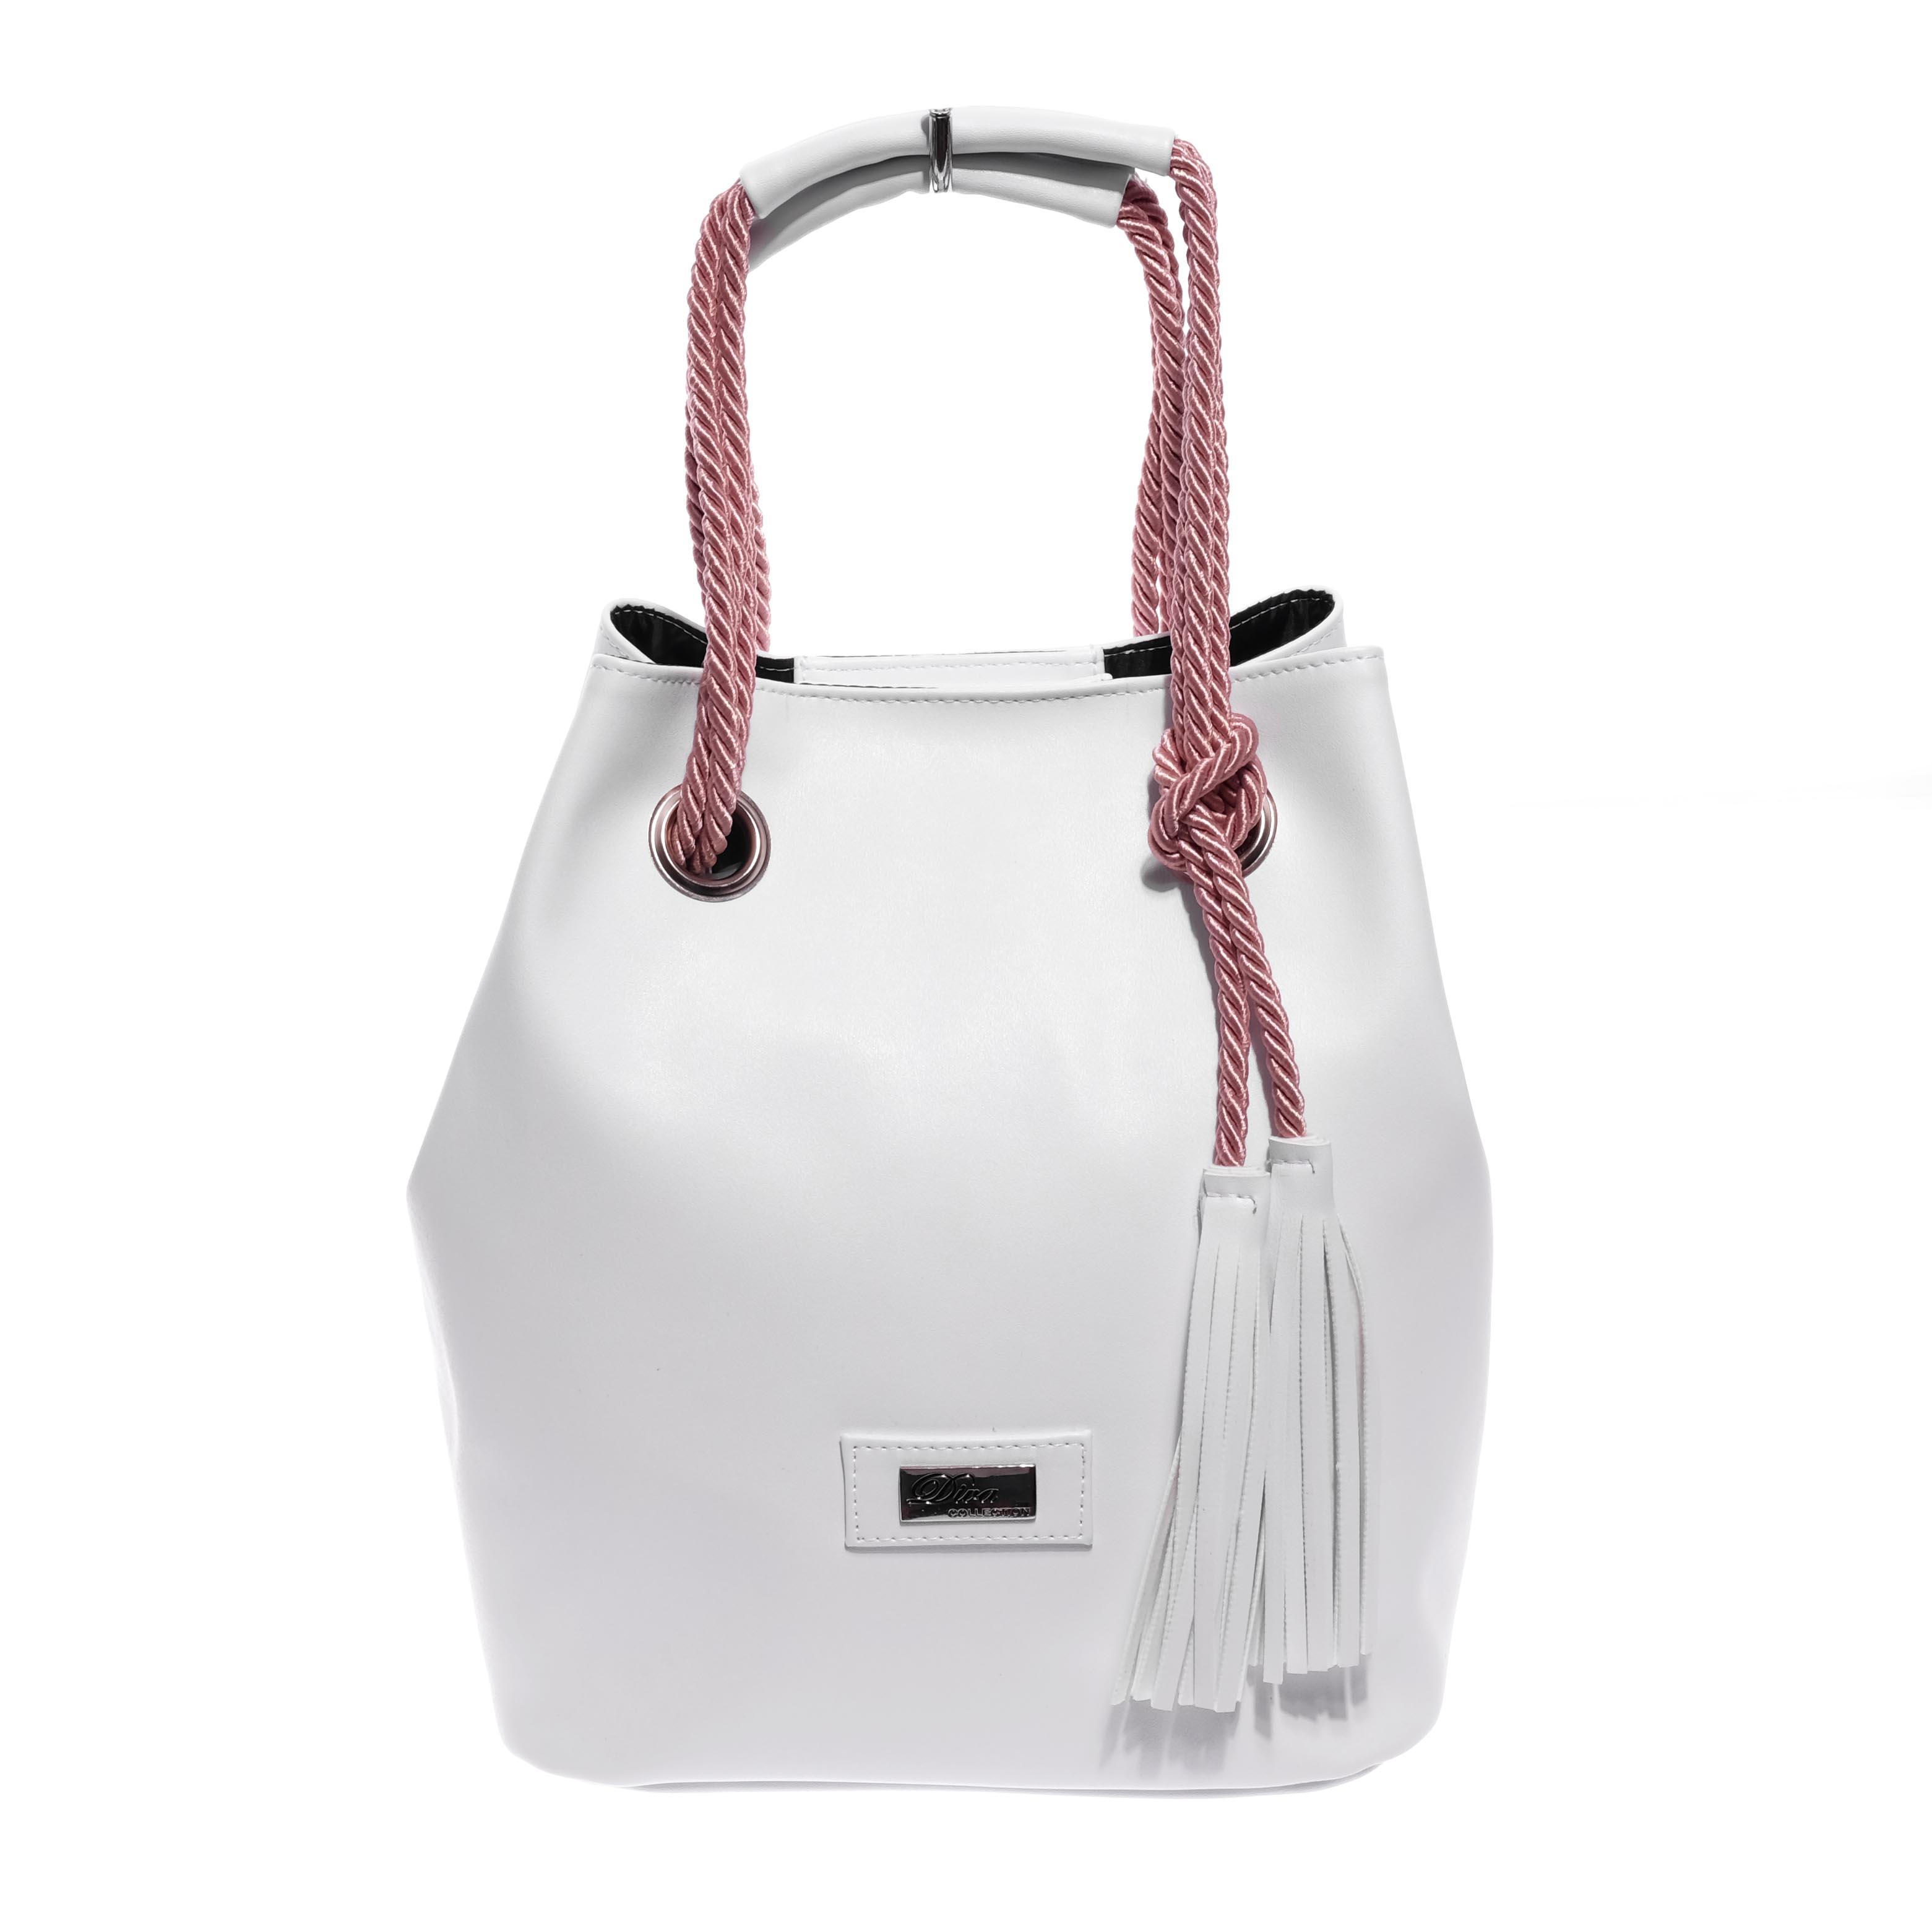 Diva Fehér Női Rostbőr Válltáska - Válltáskák - Táska webáruház - Minőségi  táskák mindenkinek 9c3e52427c